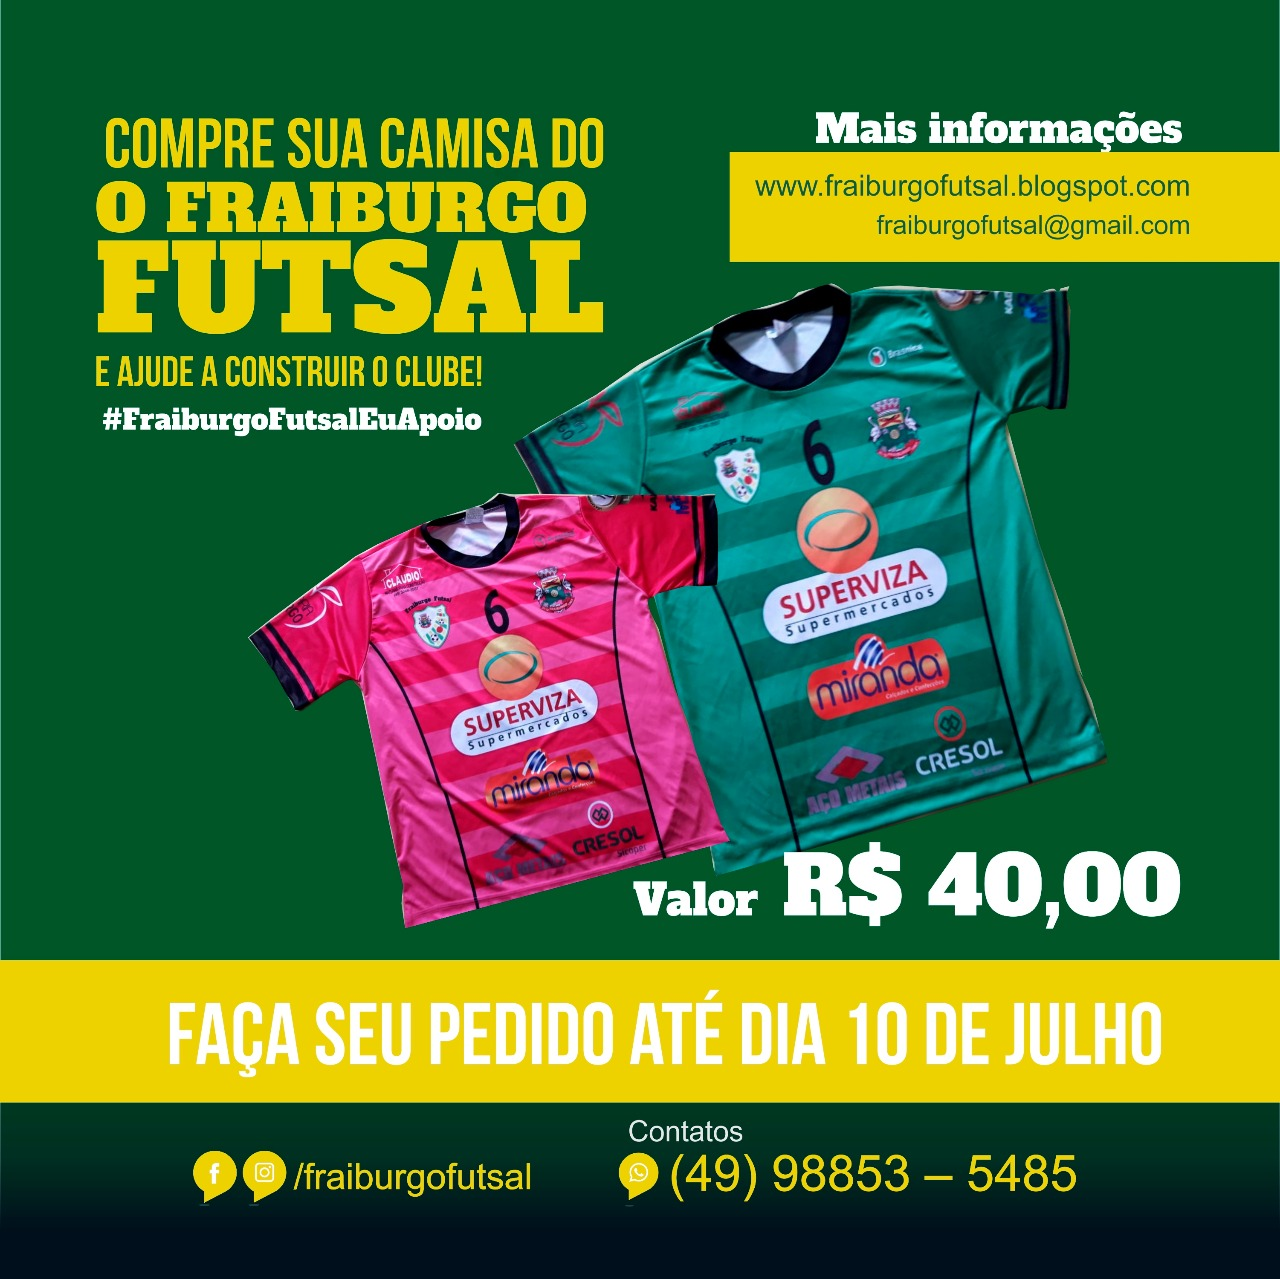 08cc068105 A coordenação do Fraiburgo Futsal Superviza está recebendo até dia 10 de  julho